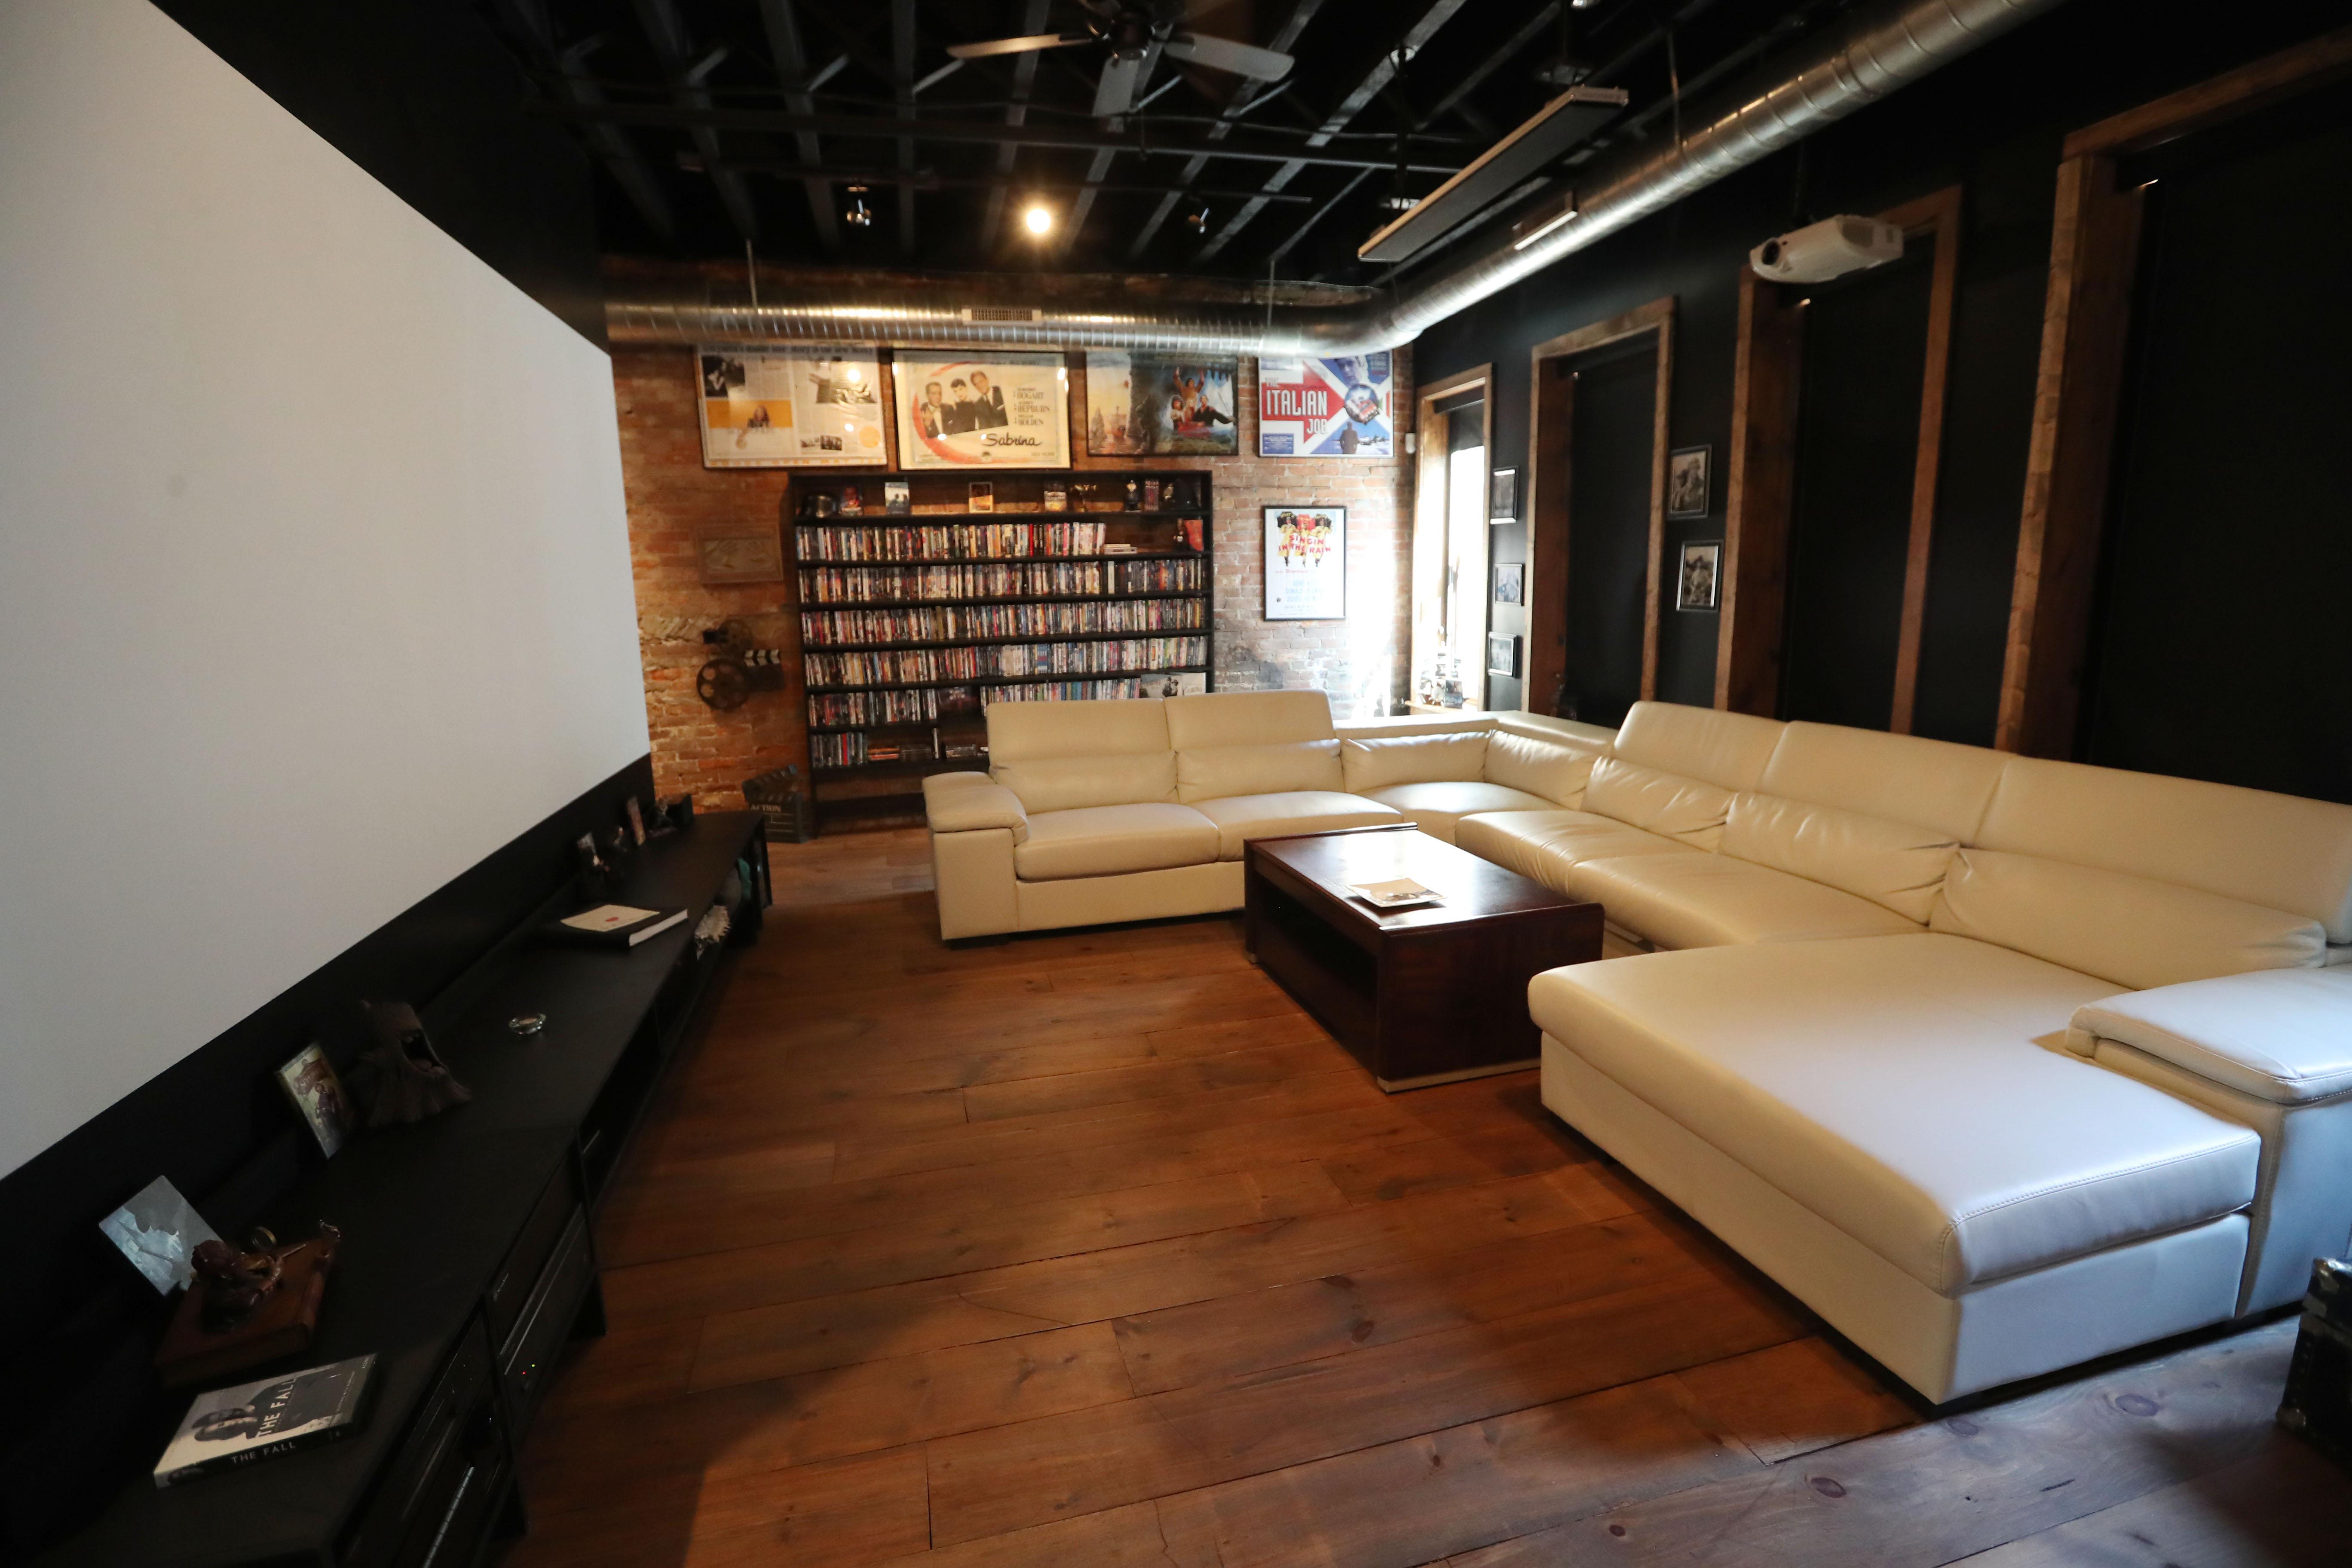 A Room For Movie Viewing. (Sharon Cantillon/Buffalo News)